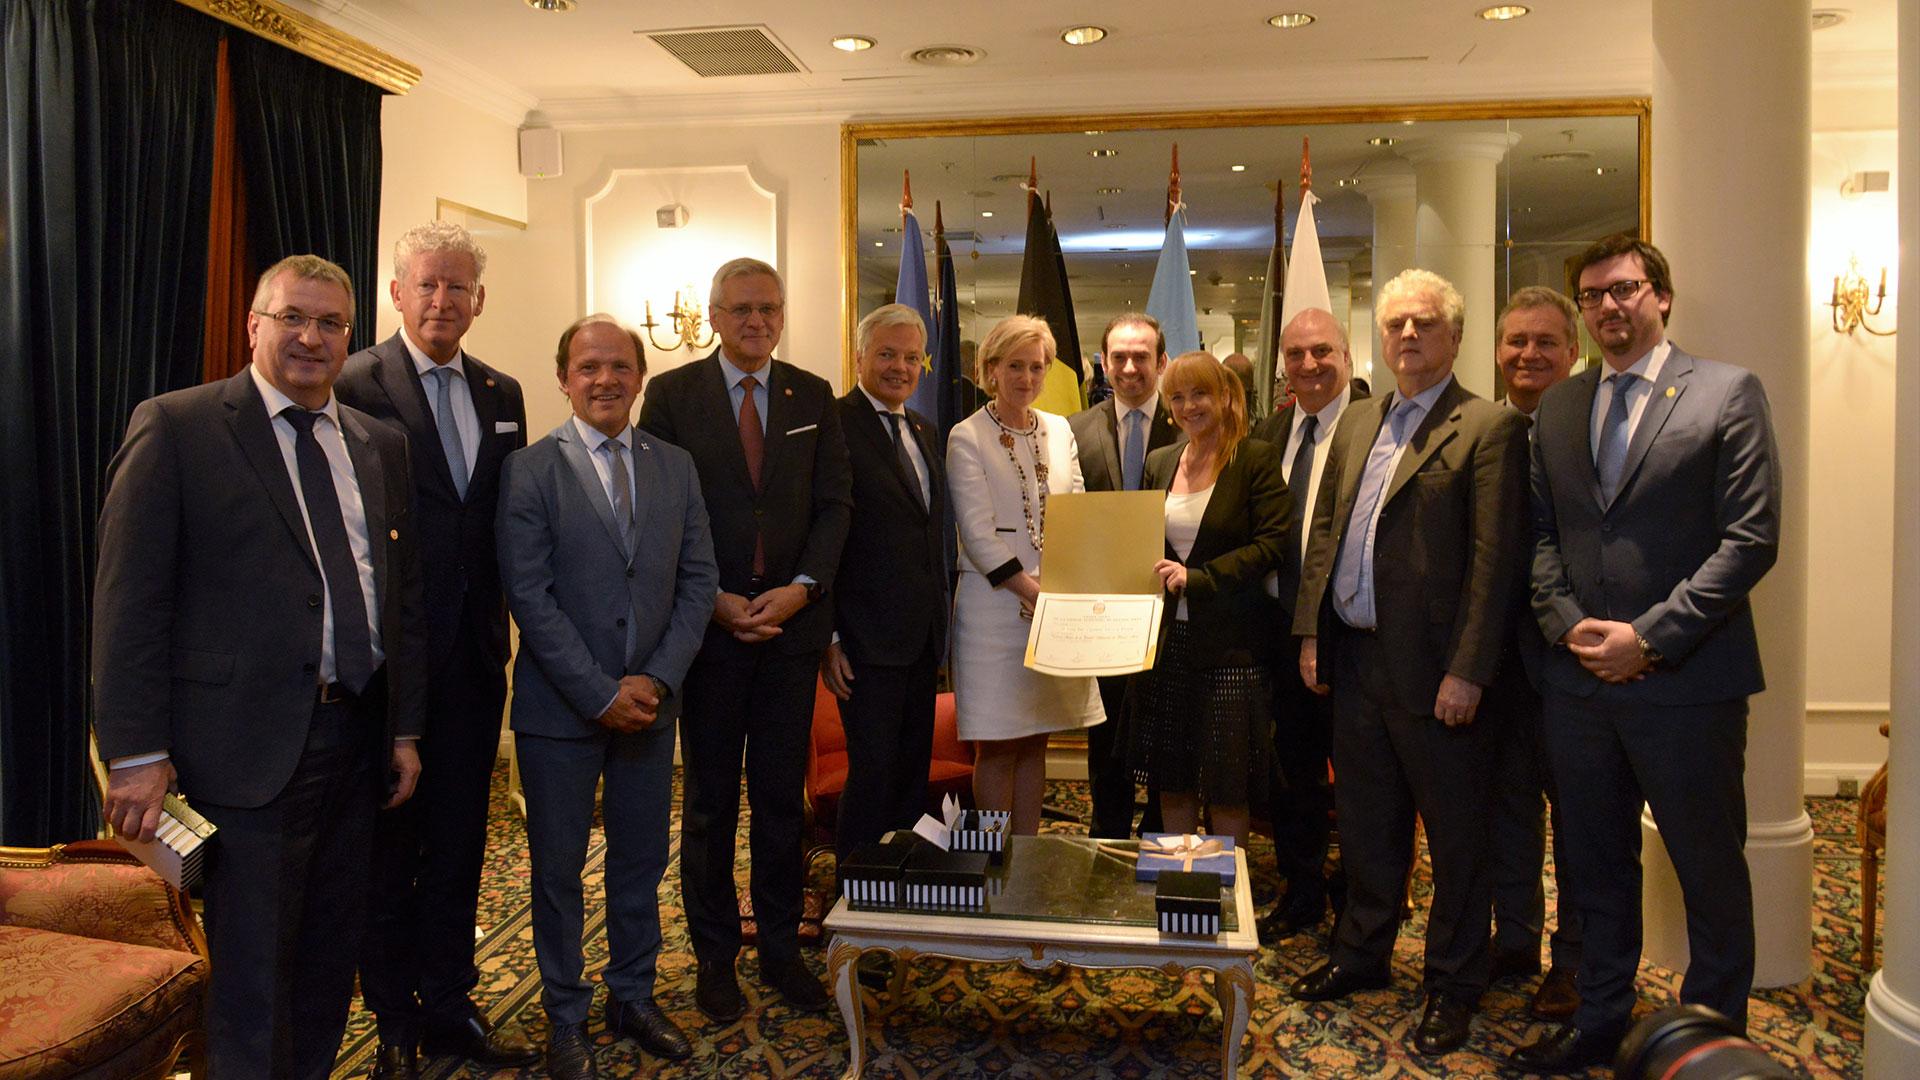 Comitiva belga junto a la princesa y los legisladores en el acto del Salón Canciller del Hotel Alvear